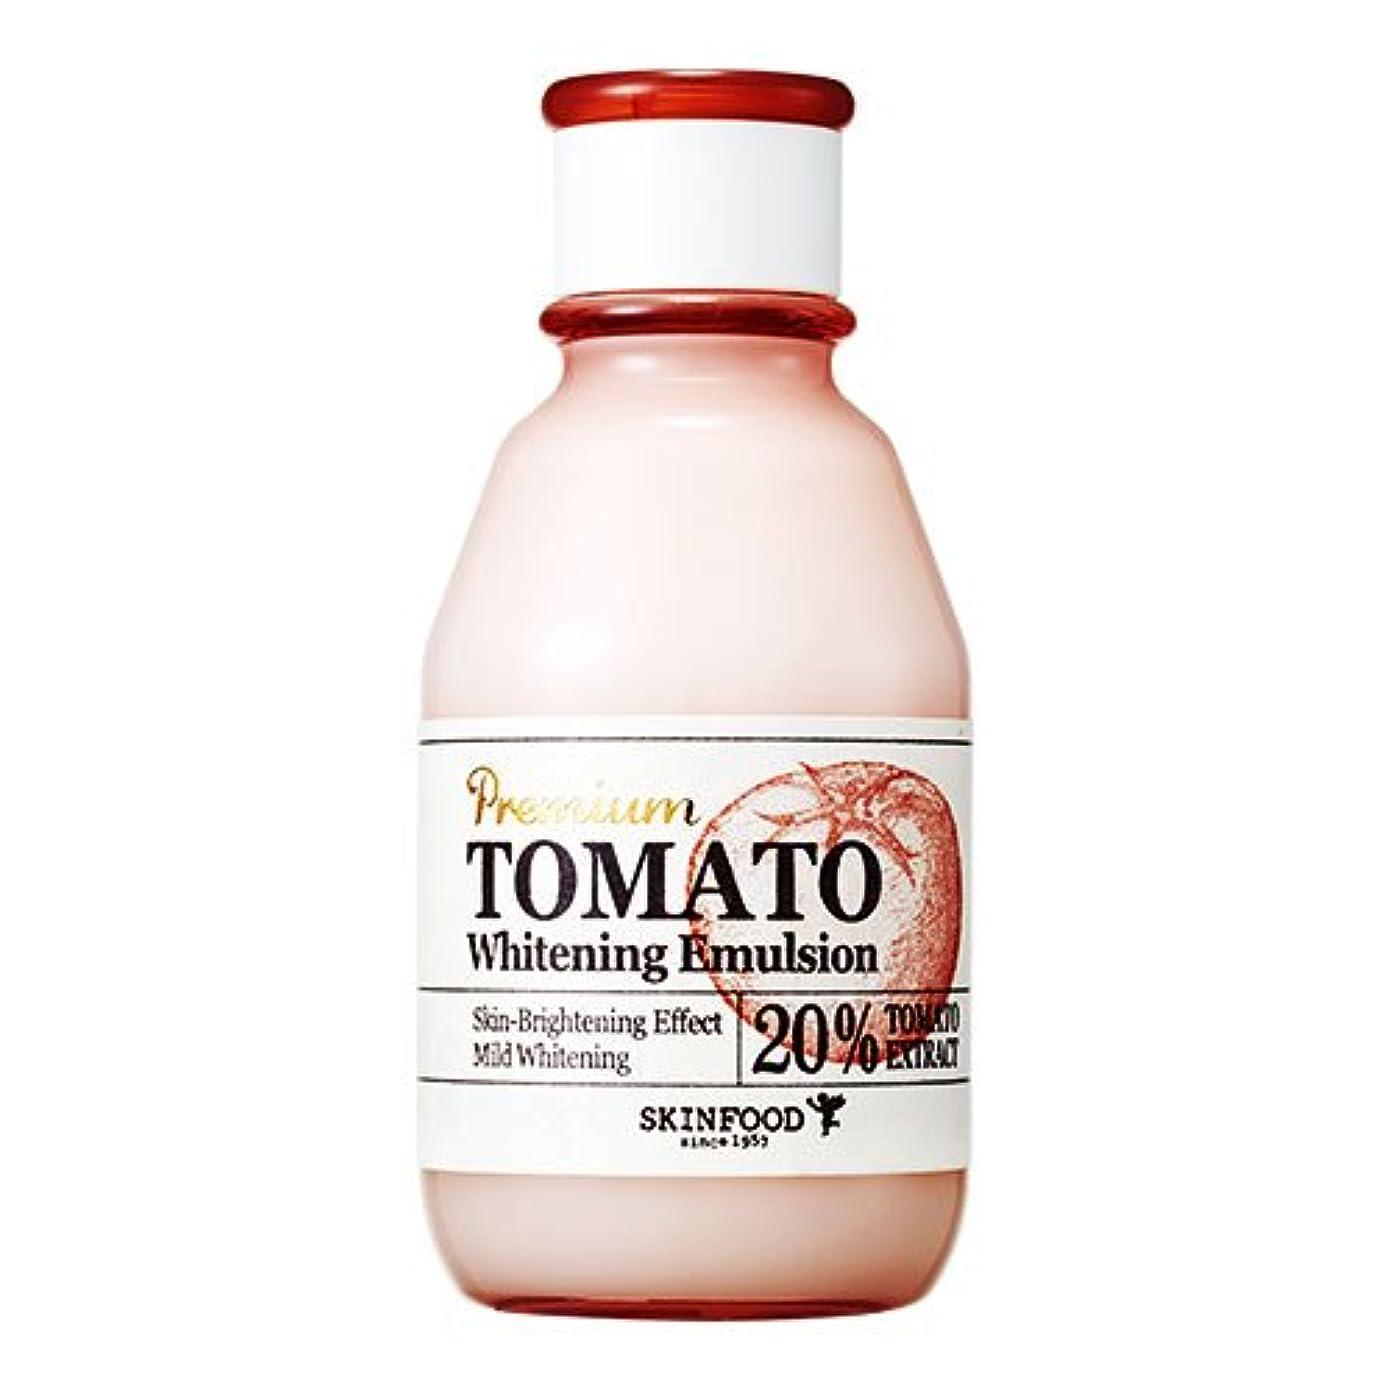 お手伝いさん行列分離[スキンフード] SKINFOOD プレミアムトマトホワイトニングエマルジョン Premium Tomato Whitening Emulsion (海外直送品) [並行輸入品]